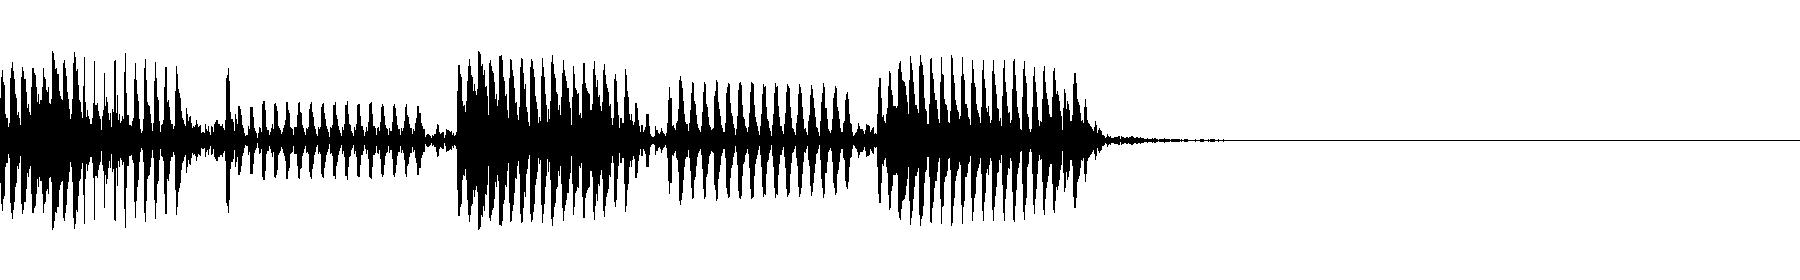 guitarfunk08 130